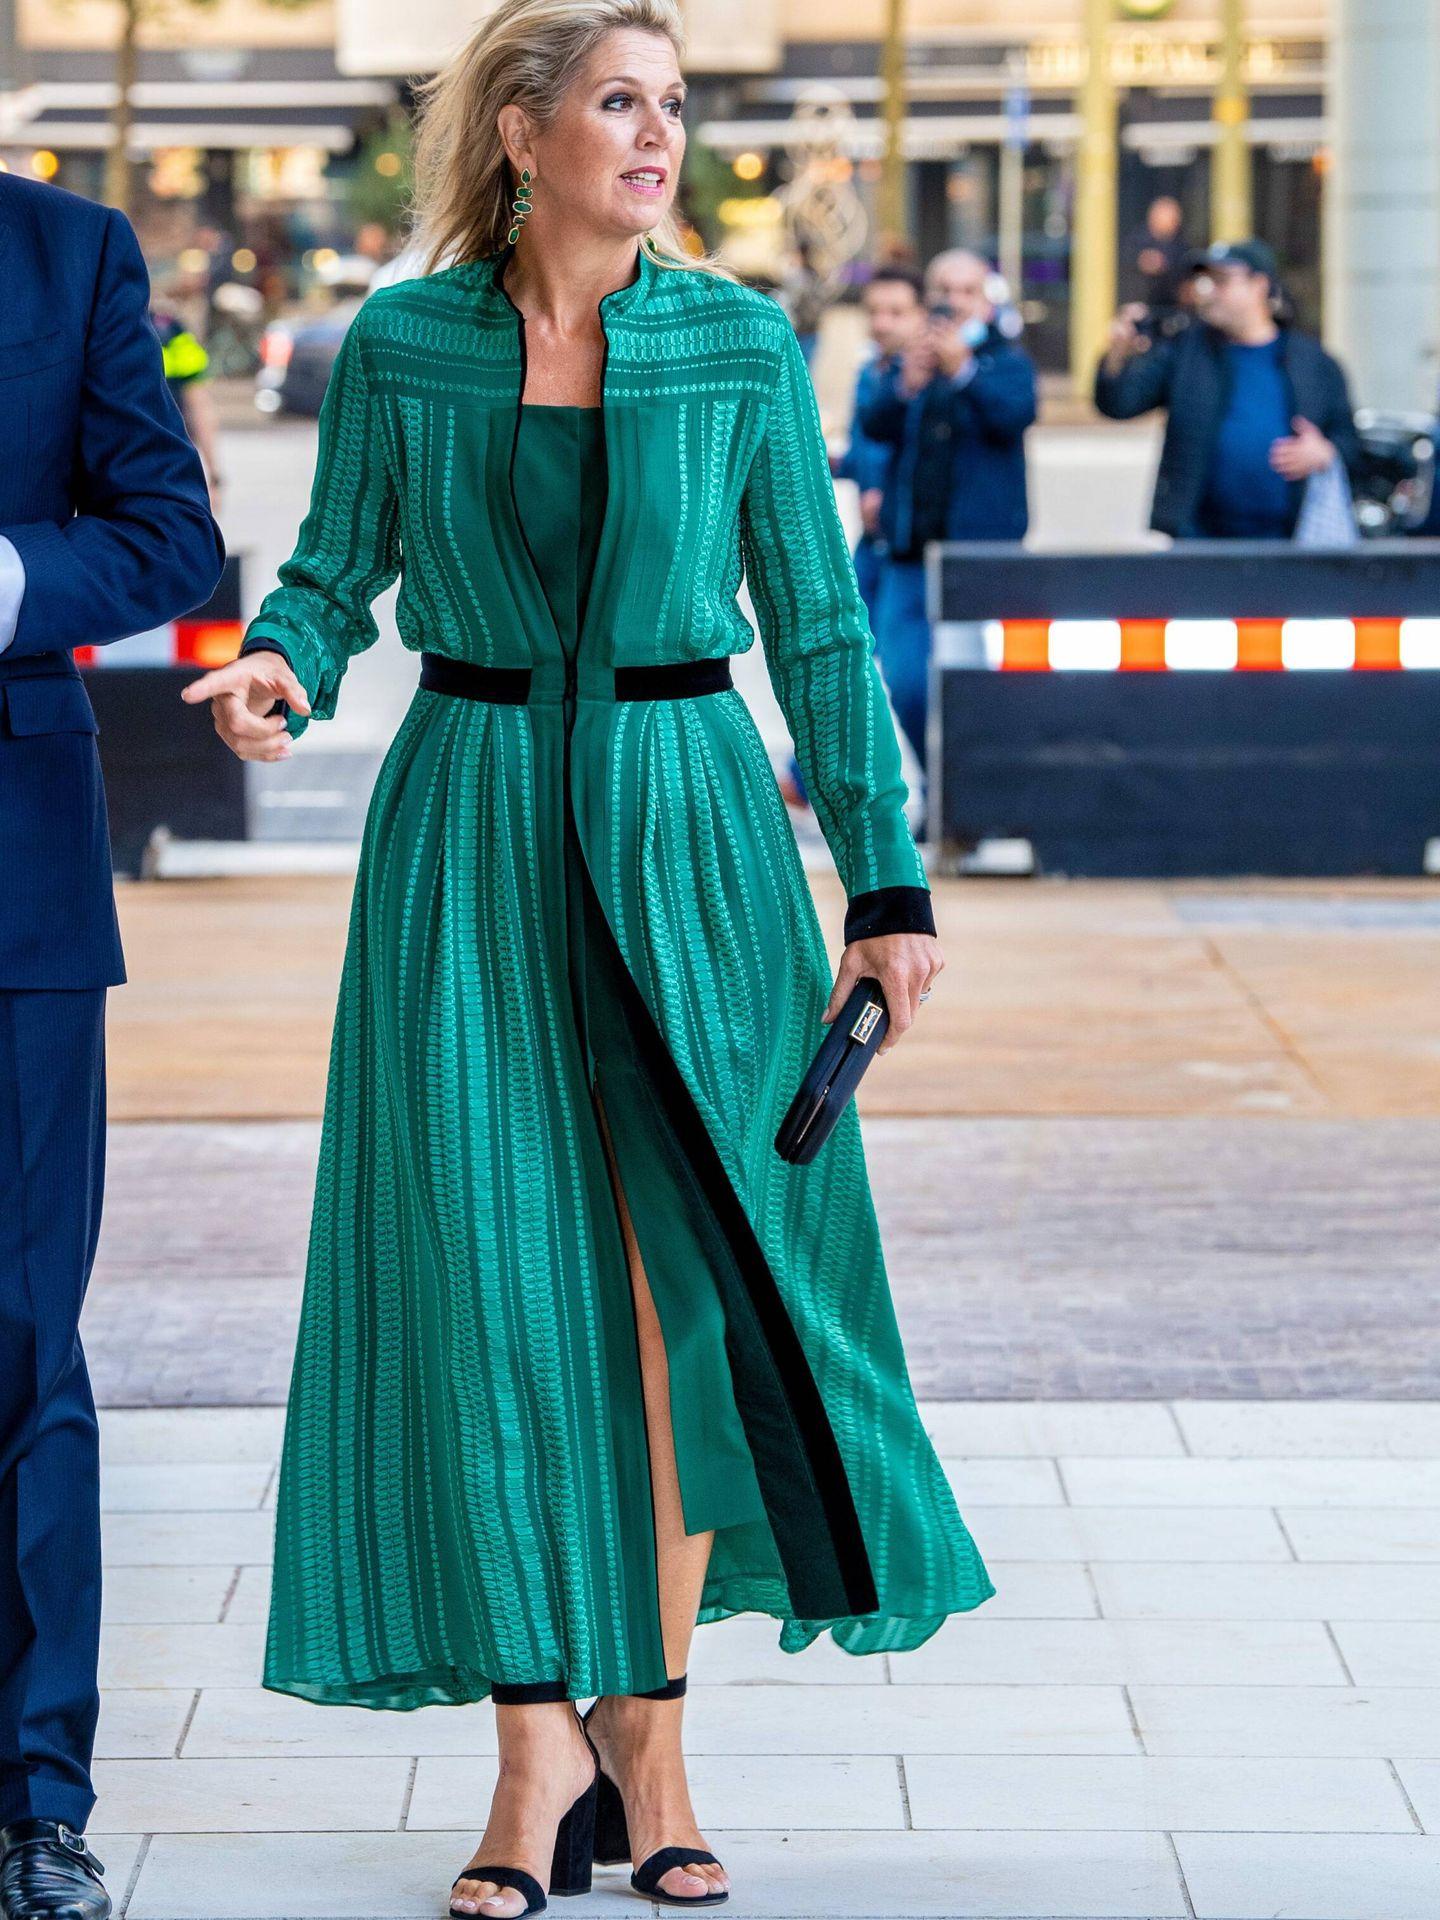 La reina Máxima, con taconazos de Gianvito Rossi. (CP)